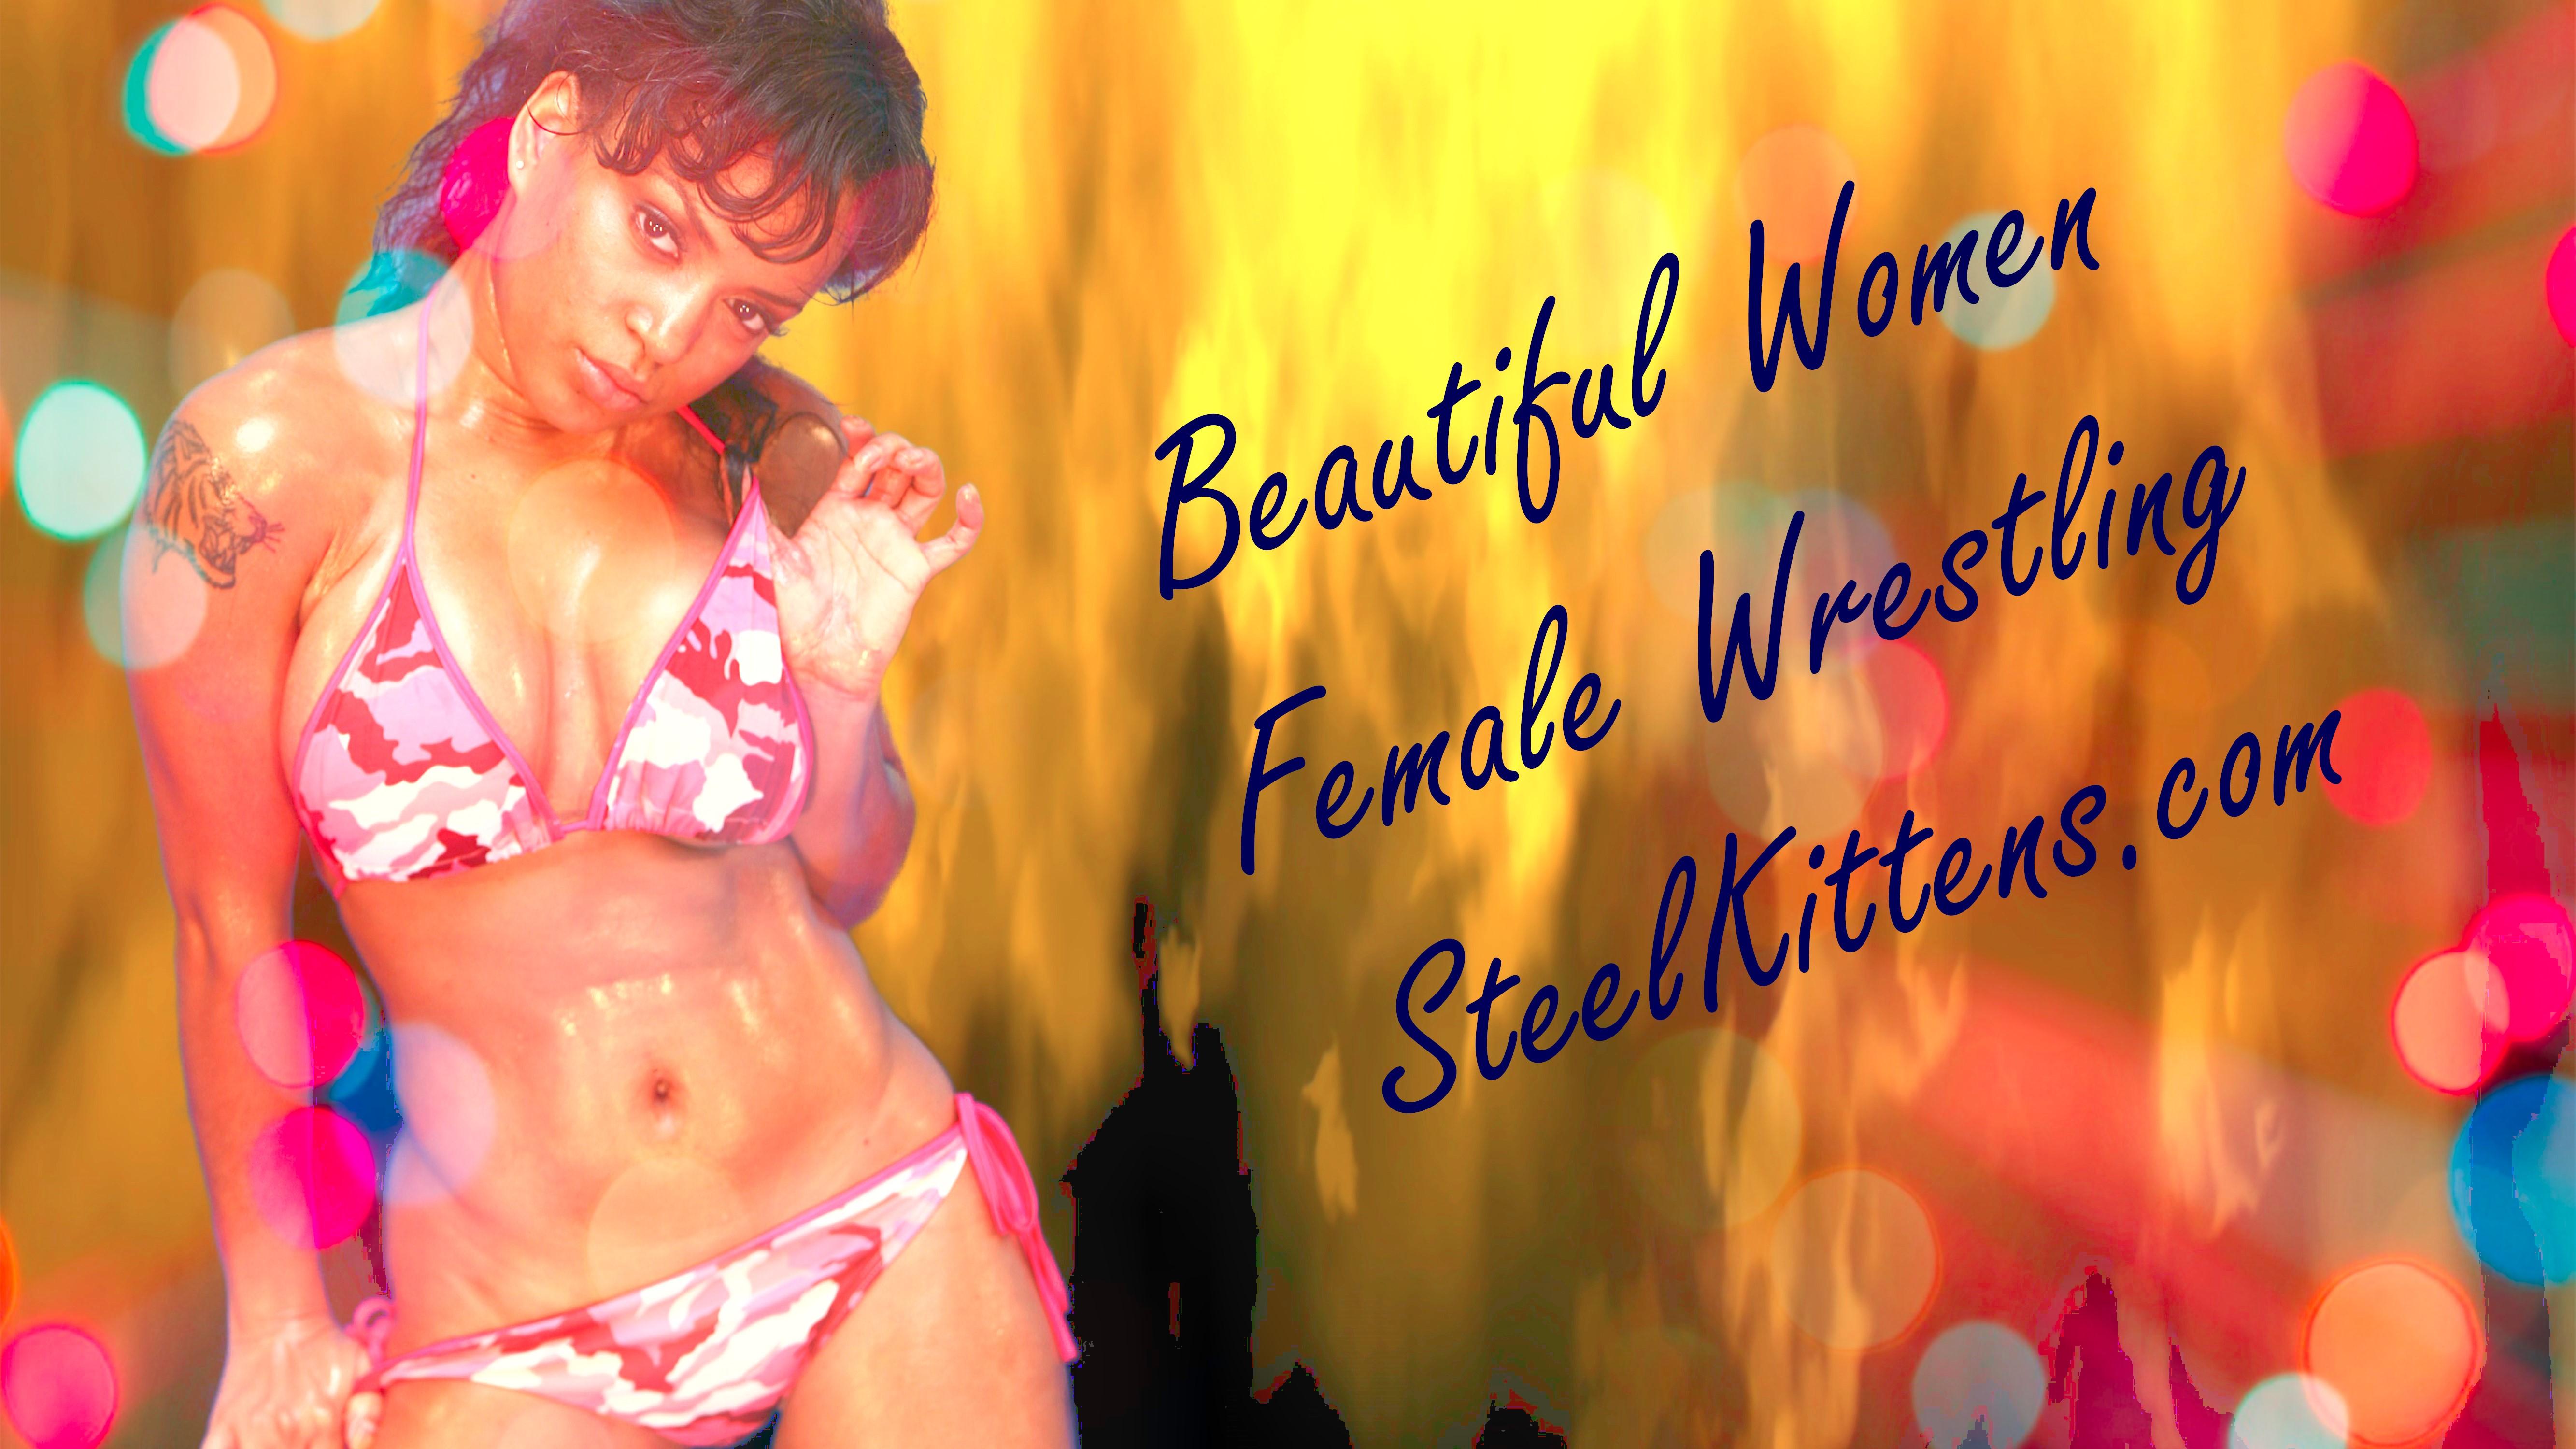 Quisha page bikini wrestler